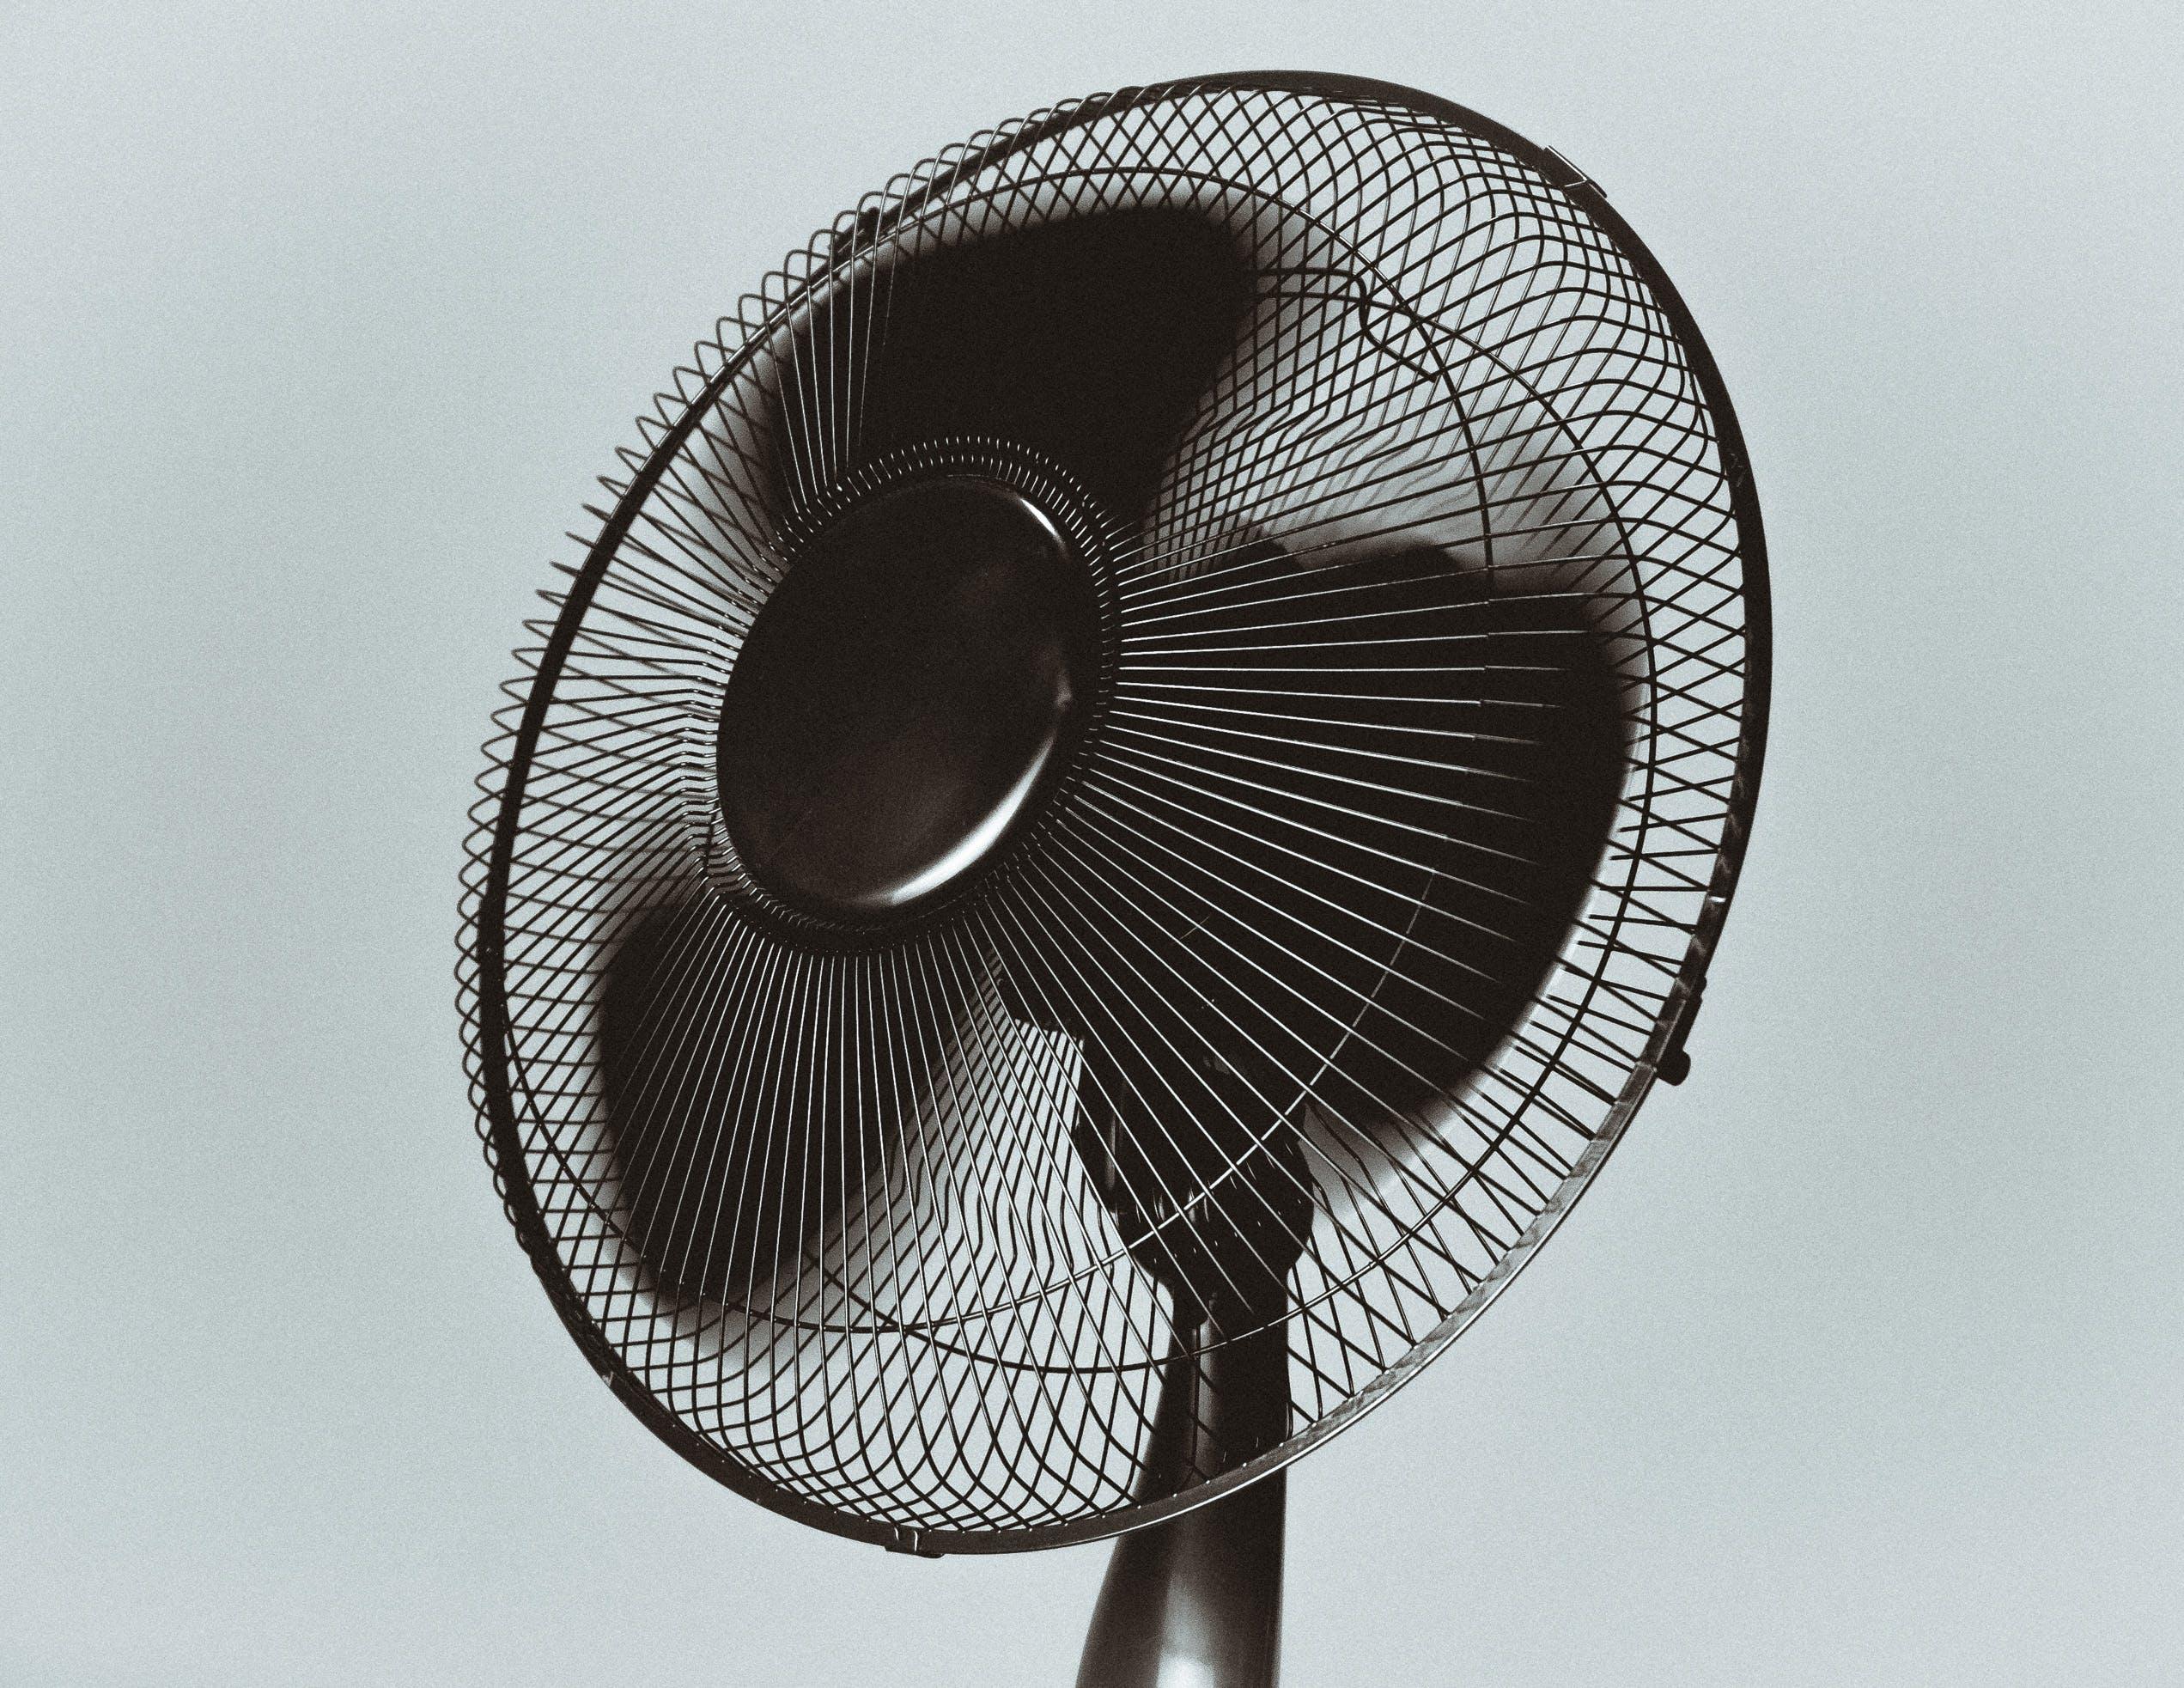 Free stock photo of wind, fan